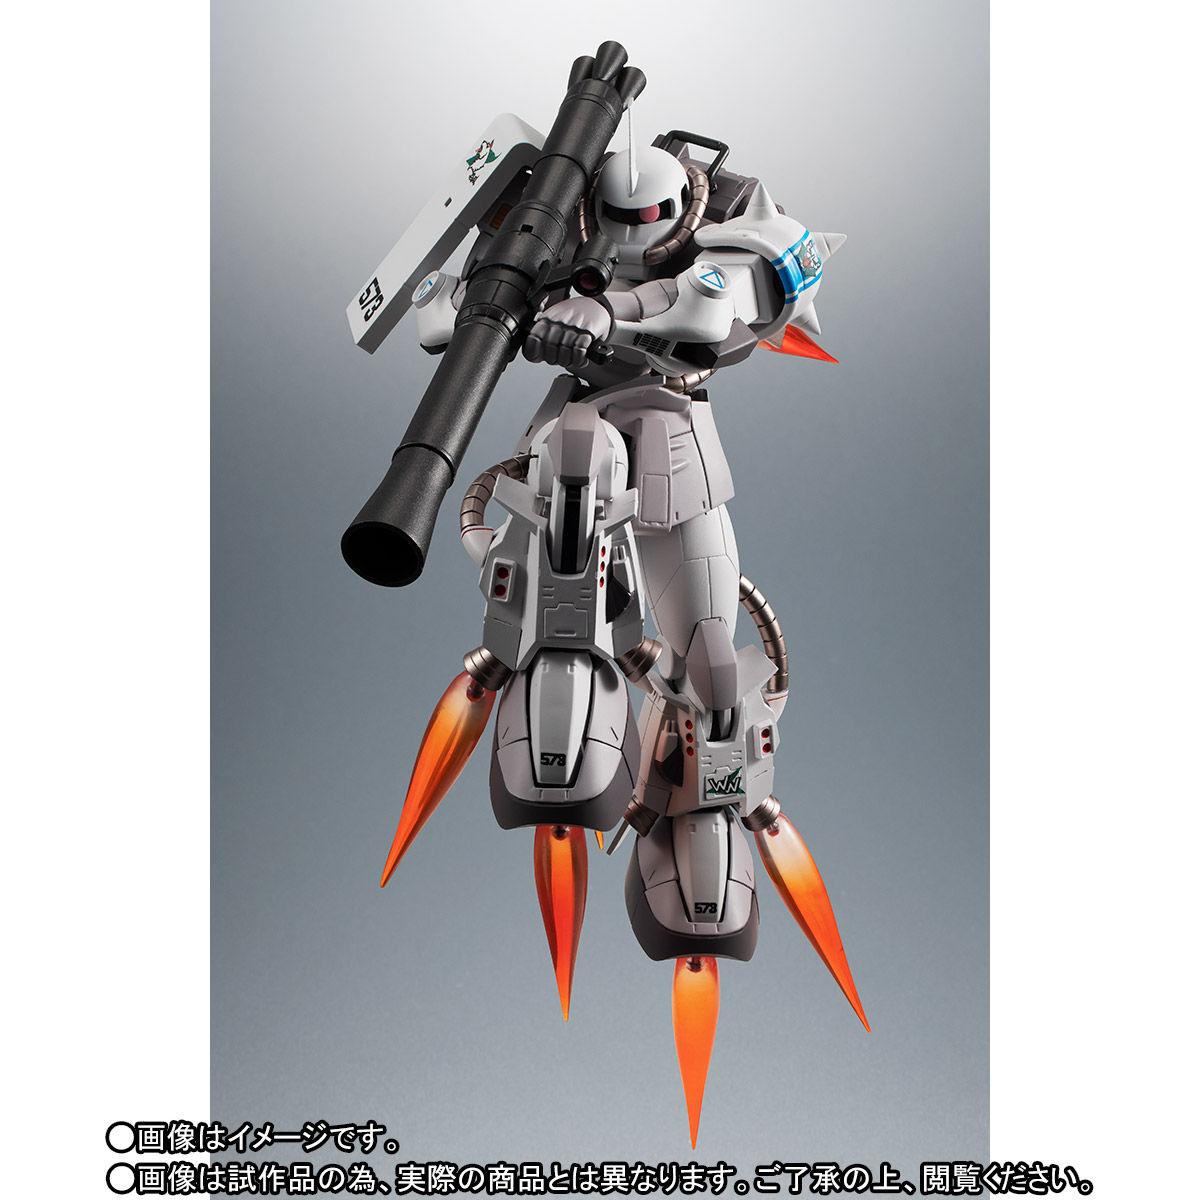 【限定販売】ROBOT魂〈SIDE MS〉『MS-06R-1A シン・マツナガ専用高機動型ザクII ver. A.N.I.M.E.』ダンダムMSV 可動フィギュア-002